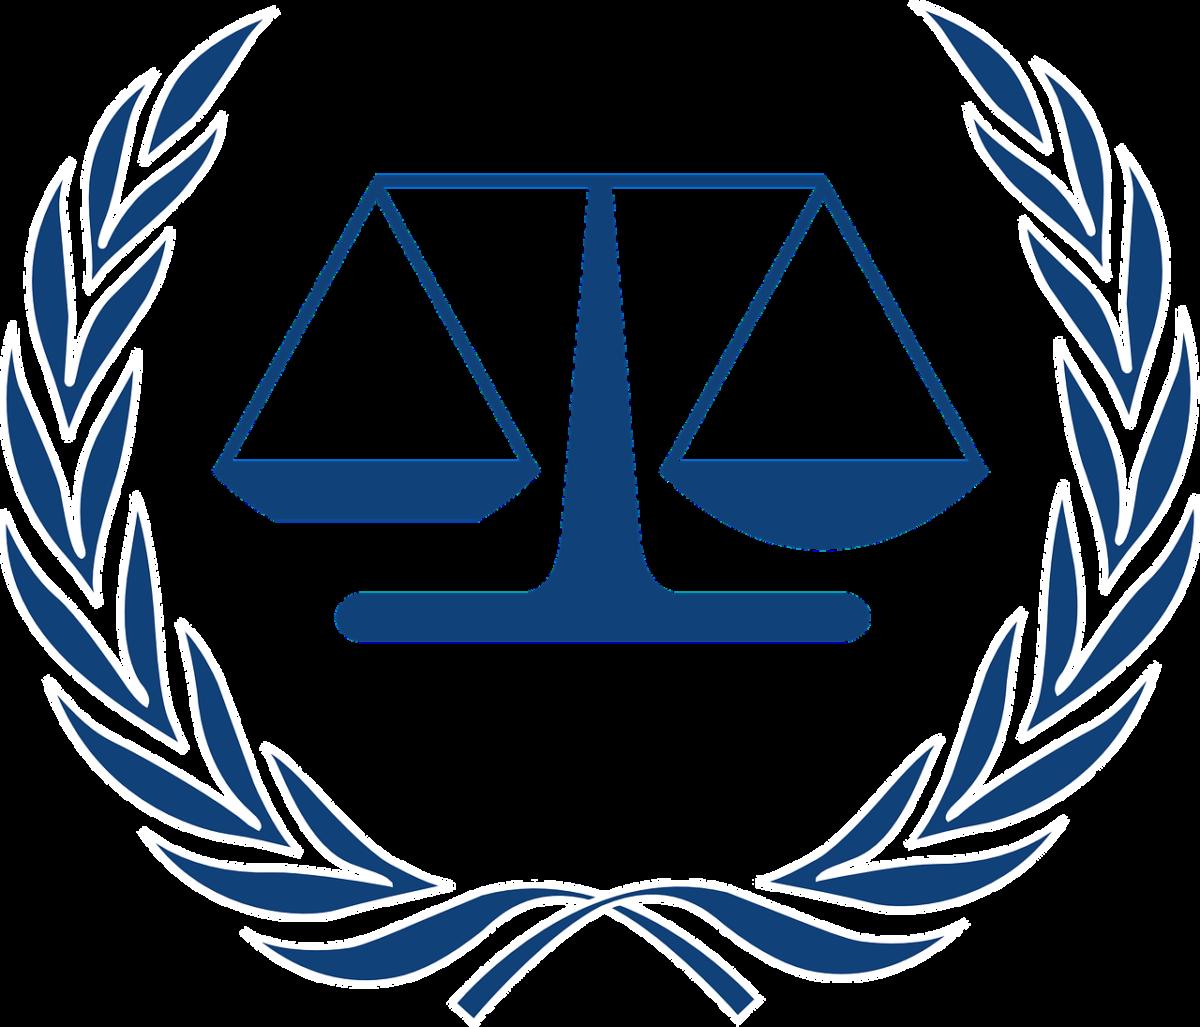 Wykonanie środków kompensacyjnych i podanie wyroku do publicznej wiadomości